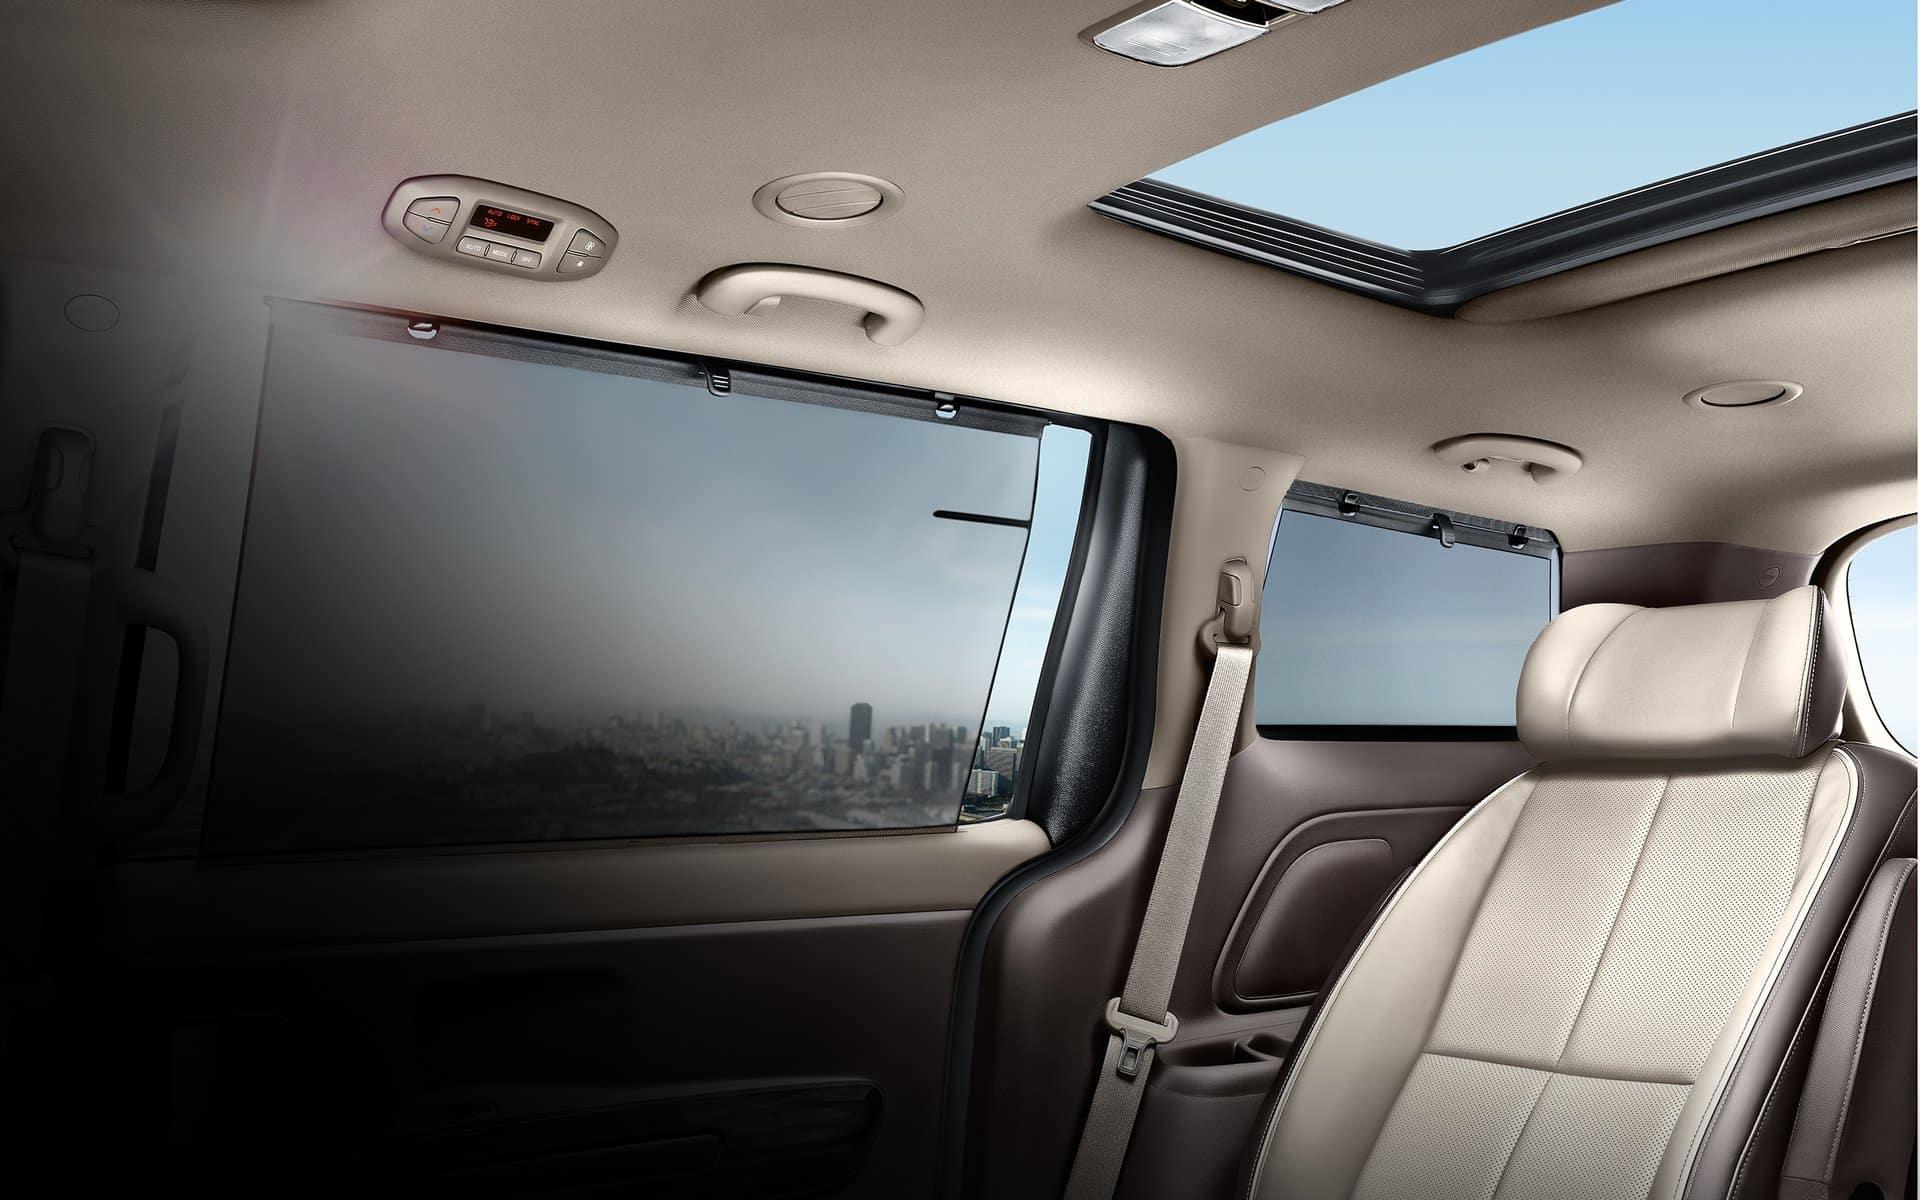 2018 Kia Sedona available Second- and Third-Row Retractable Sunshades